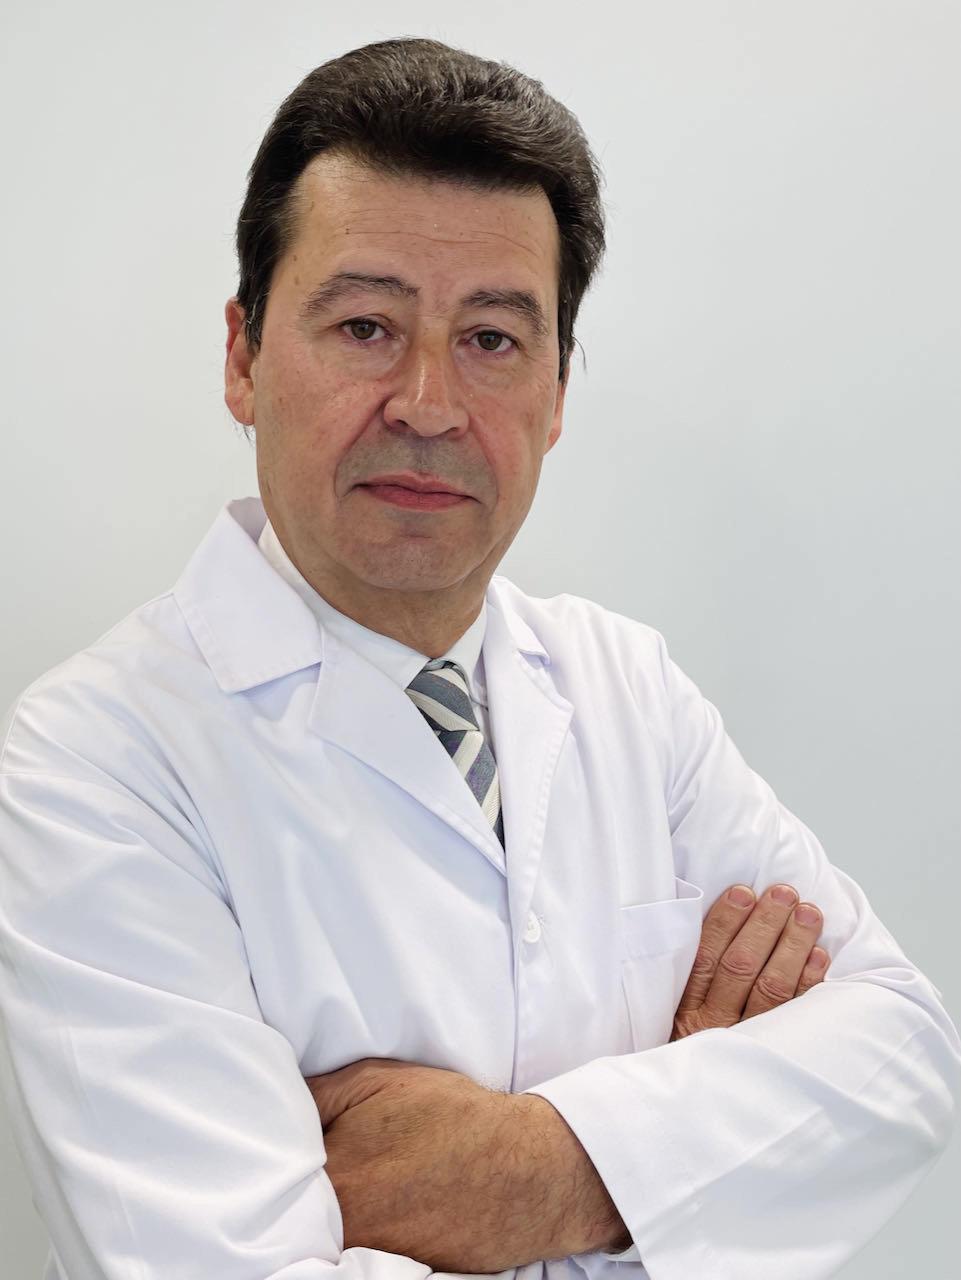 Dr. Carles Gatius Tonda